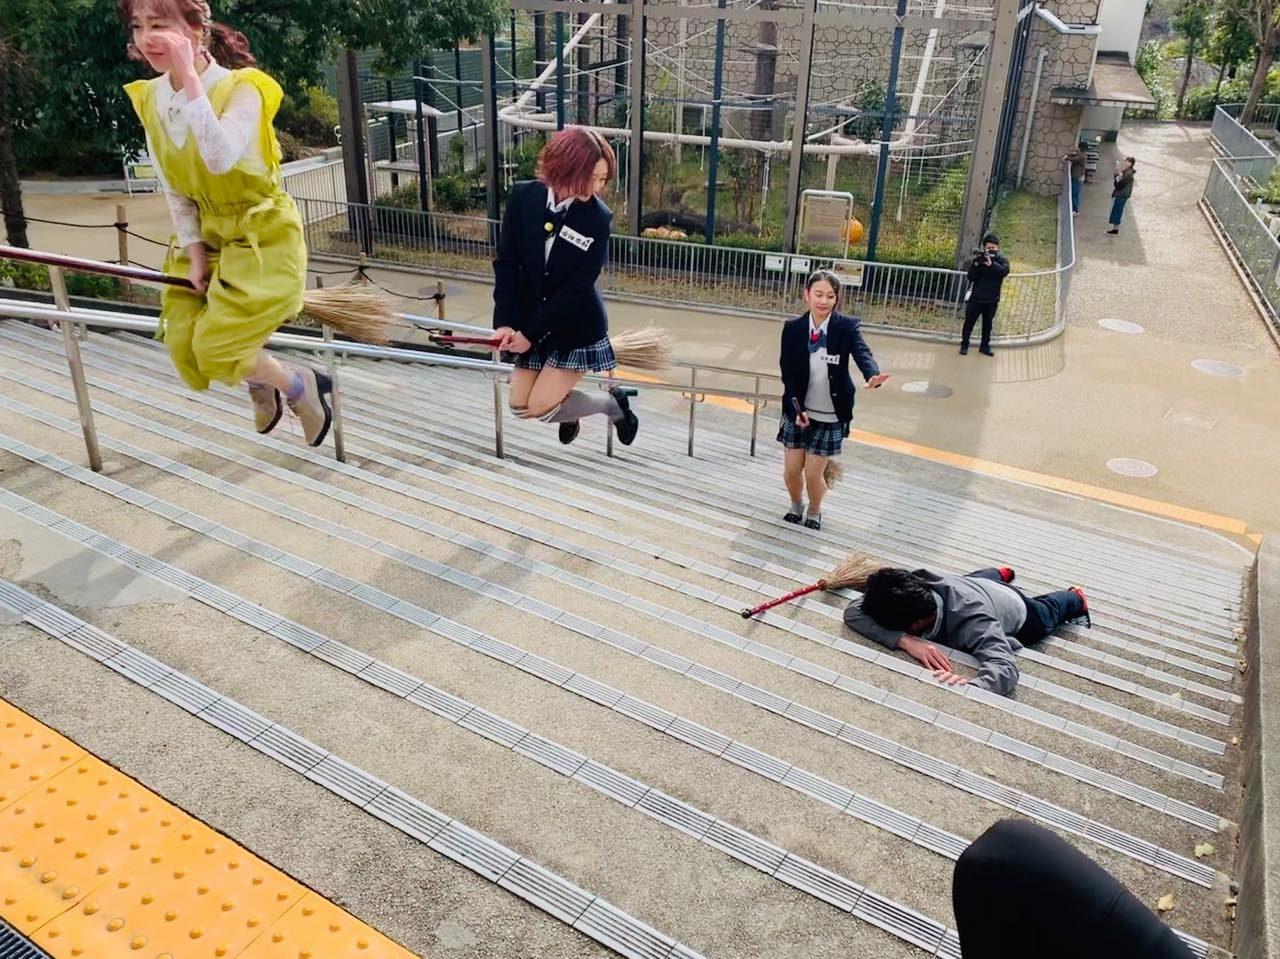 東海テレビ「SKE48のバズらせます!!」東山動植物園で浮遊写真を撮ってバズらせたい! [4/9 24:25~]